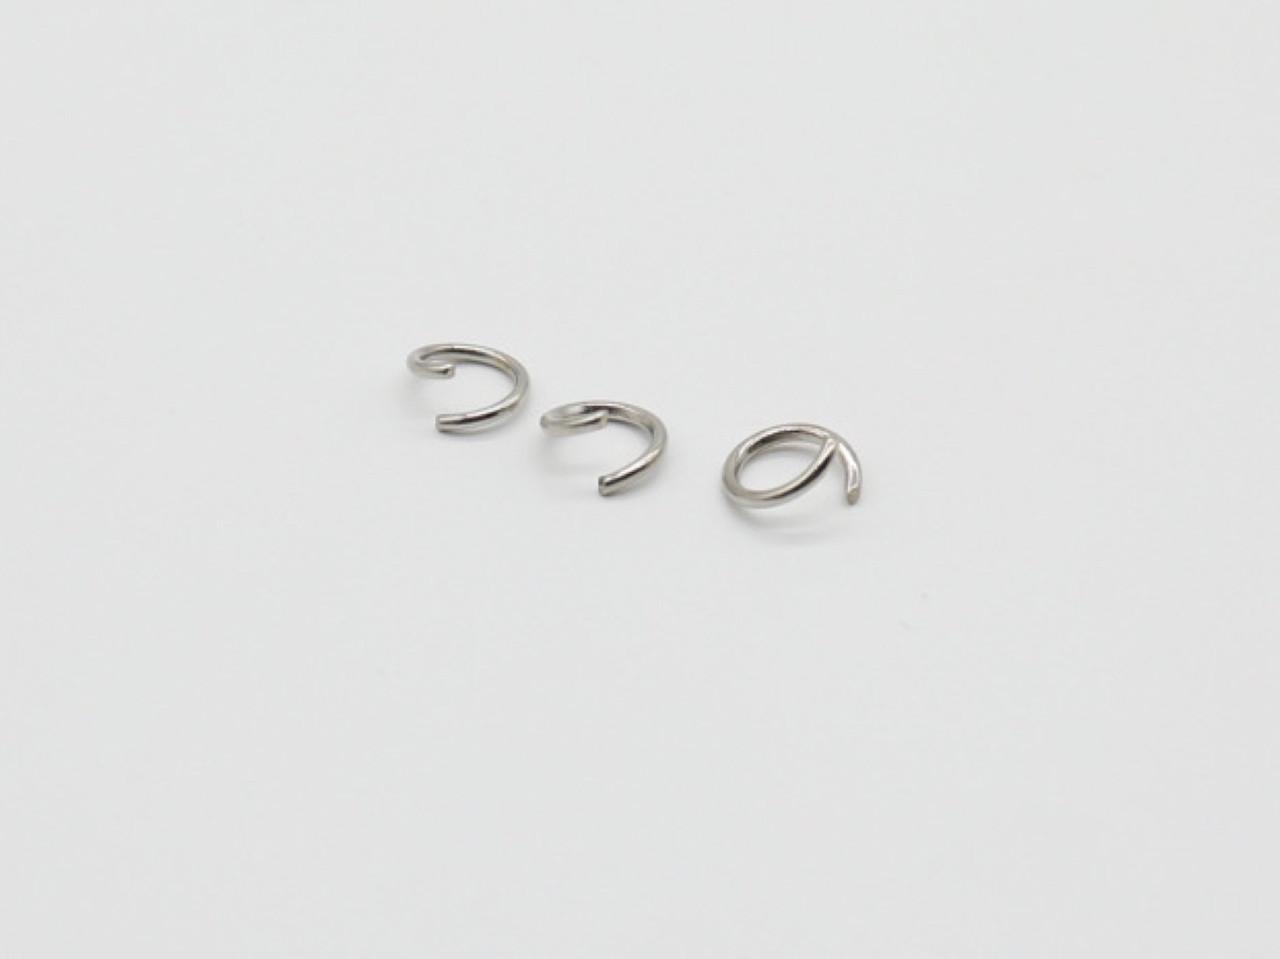 Переходник для колец. 10000шт/уп. Цвет серебро. 8,5х1,2мм